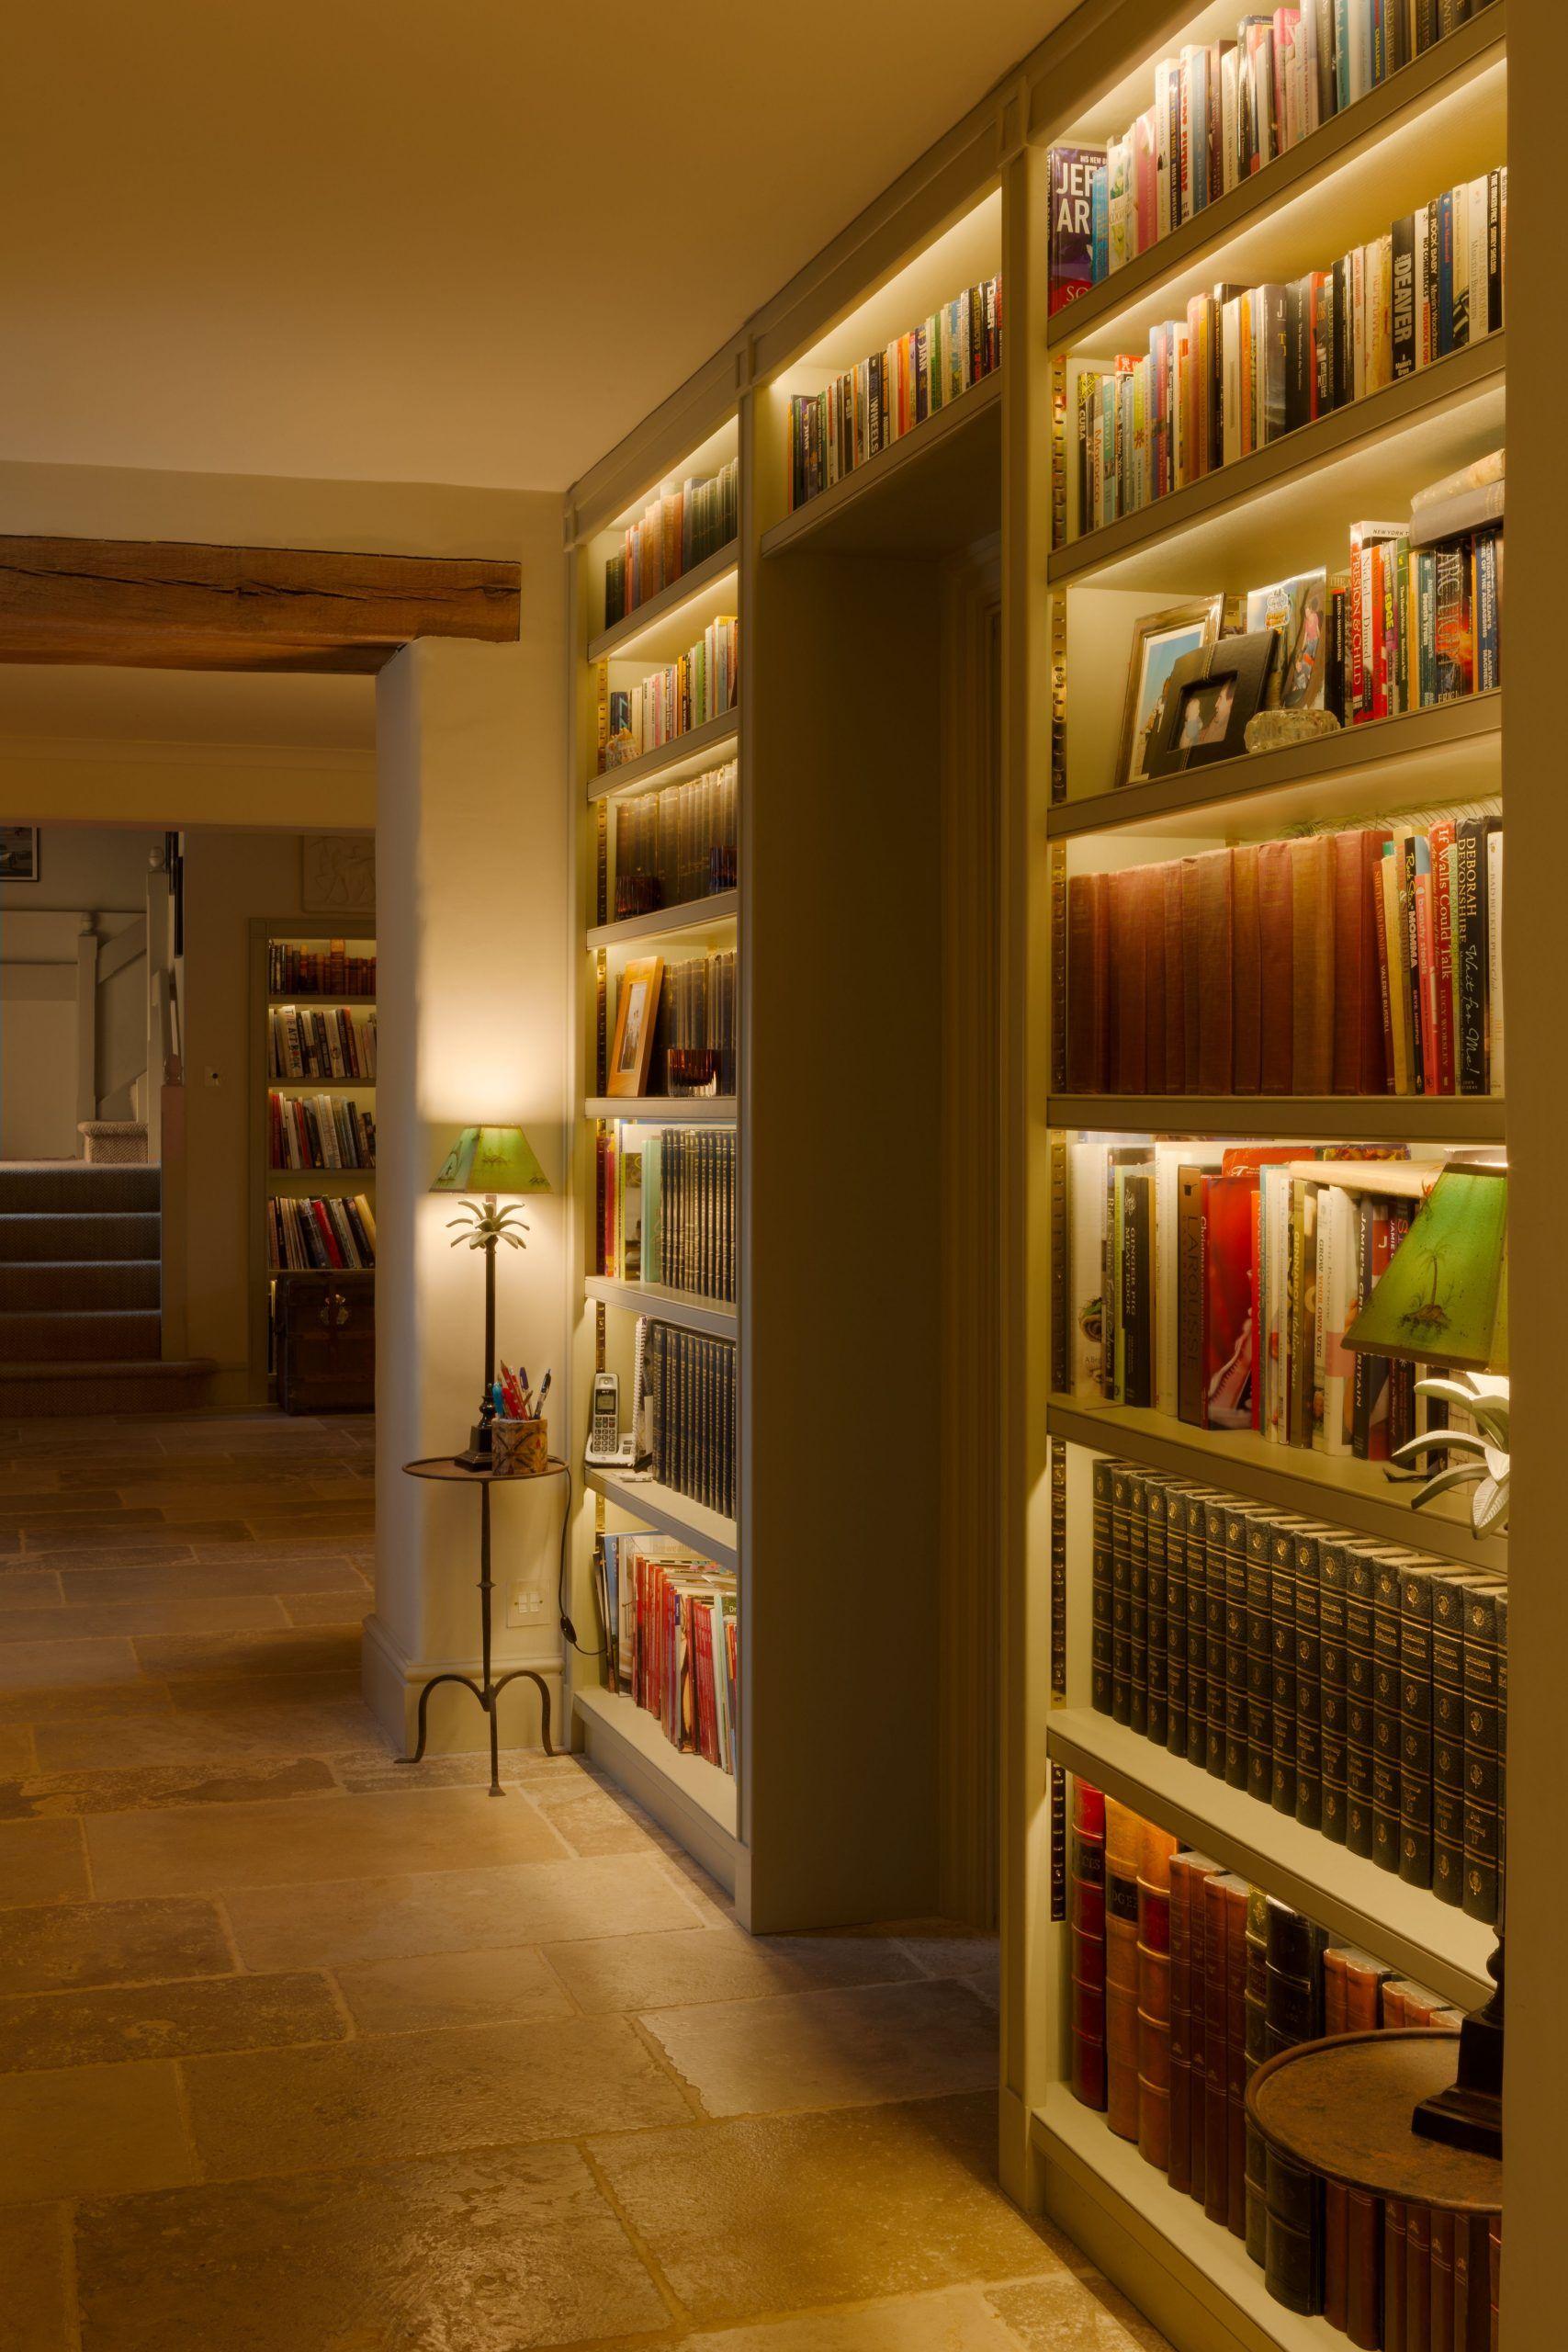 Innenraum Beleuchtung Tipps Lichtkunst Innenbeleuchtung Haus Interieurs Bucherregal Beleuchtung